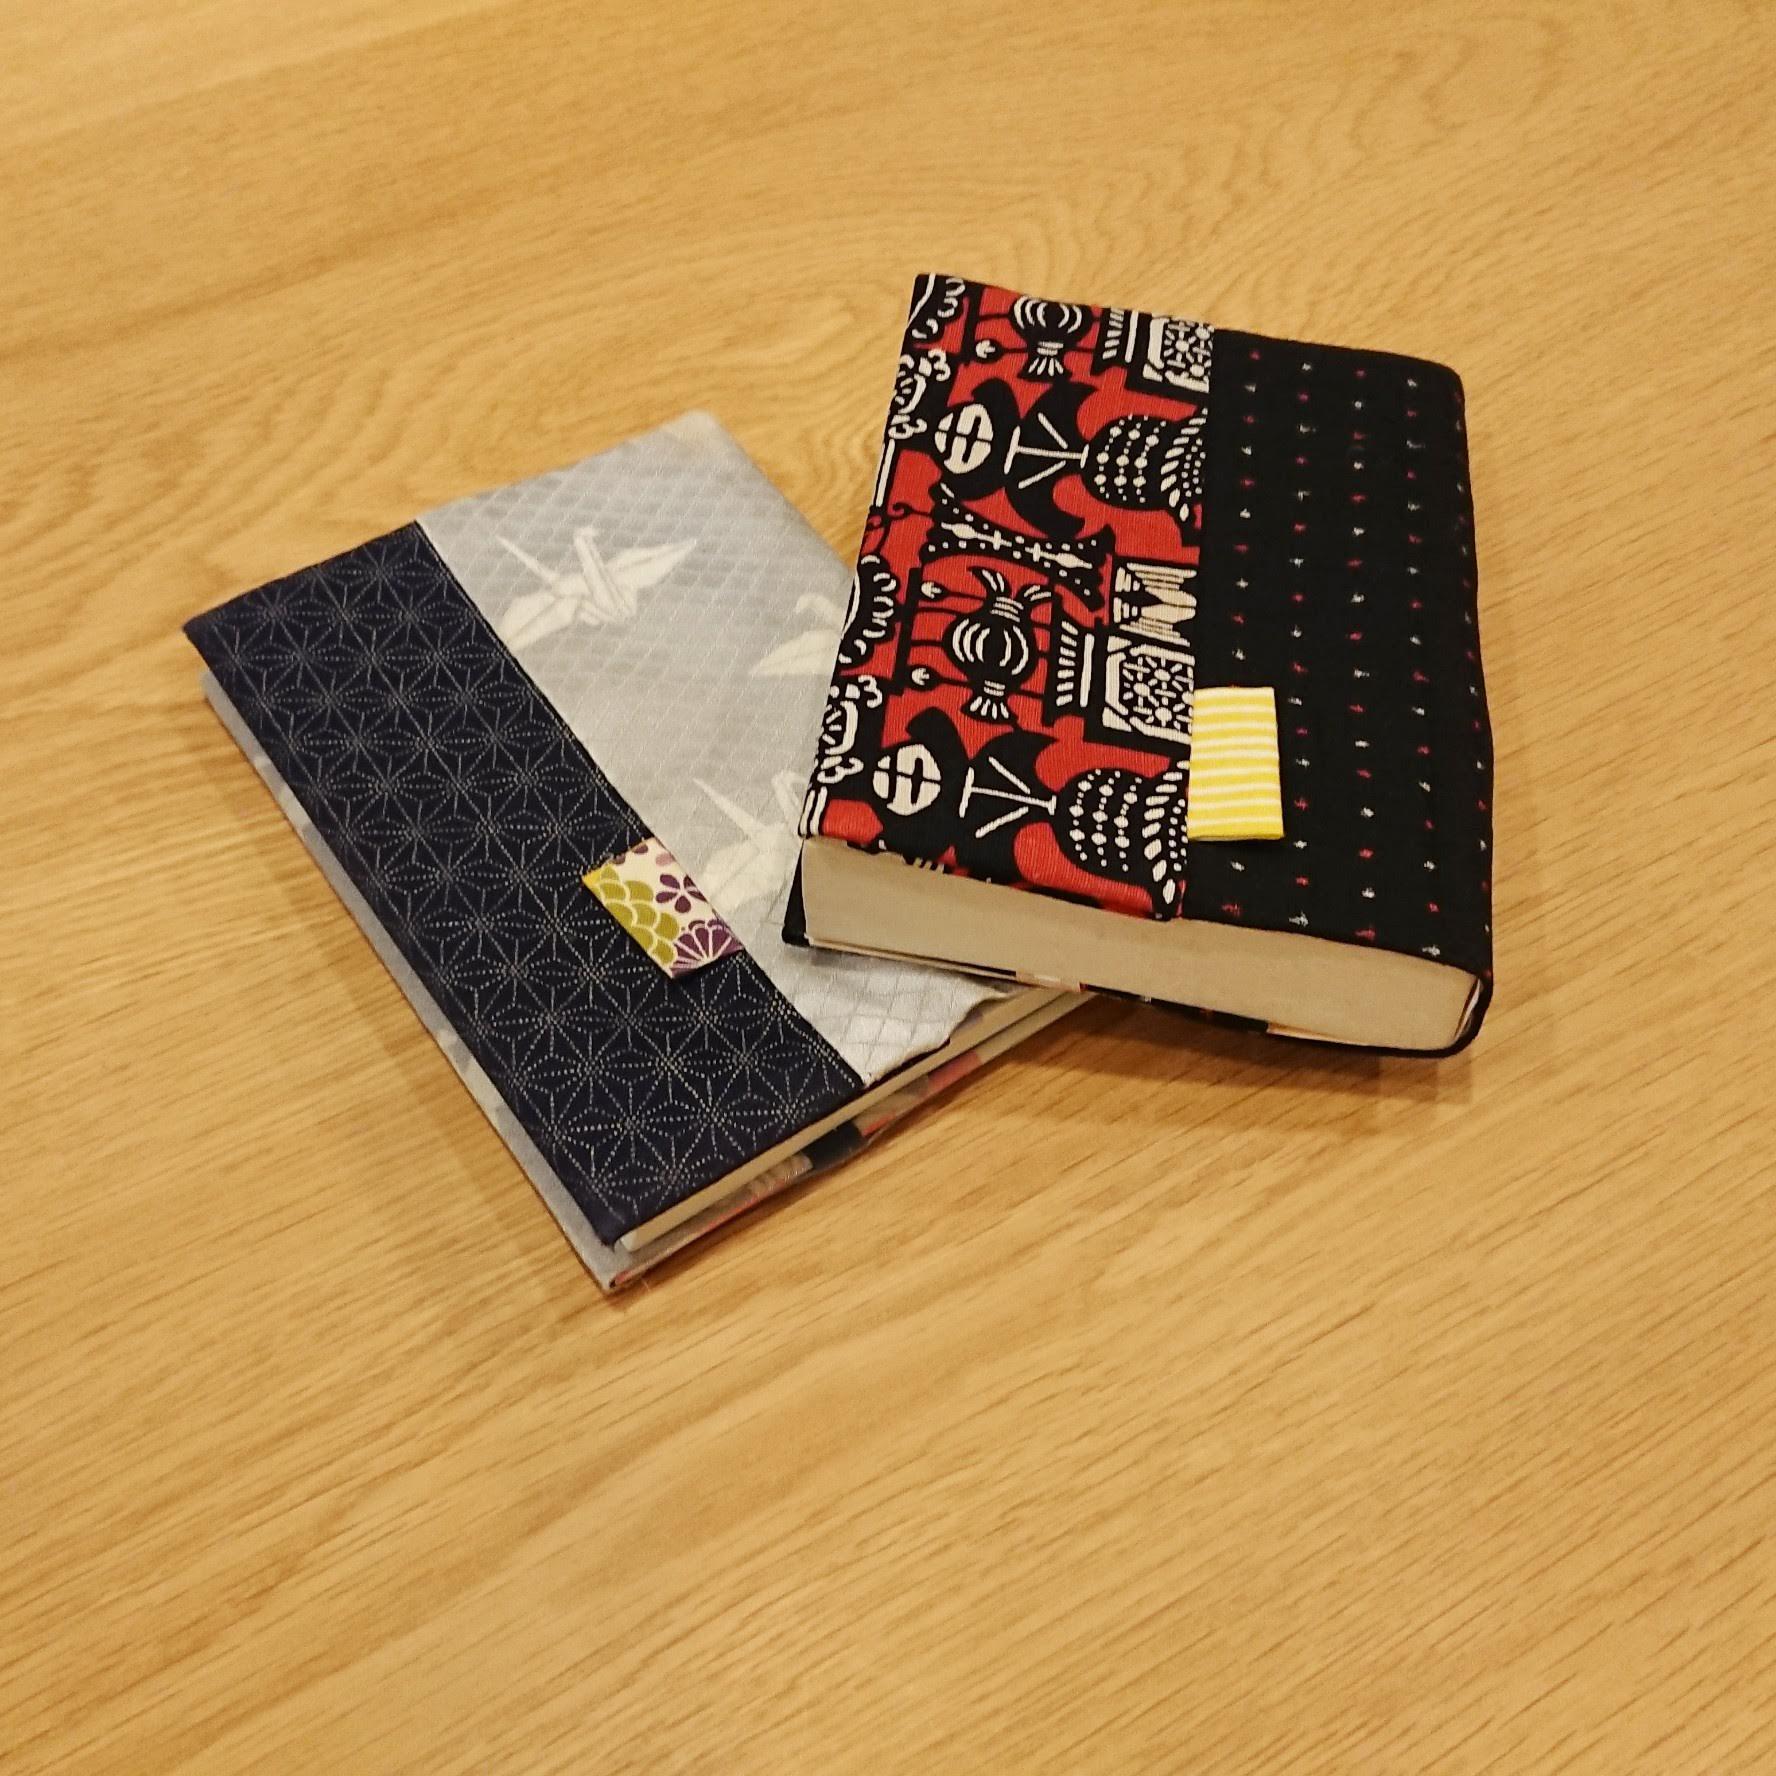 ブックカバーが美しいと、何度も本を開きたくなるかんじ、ありますよね。